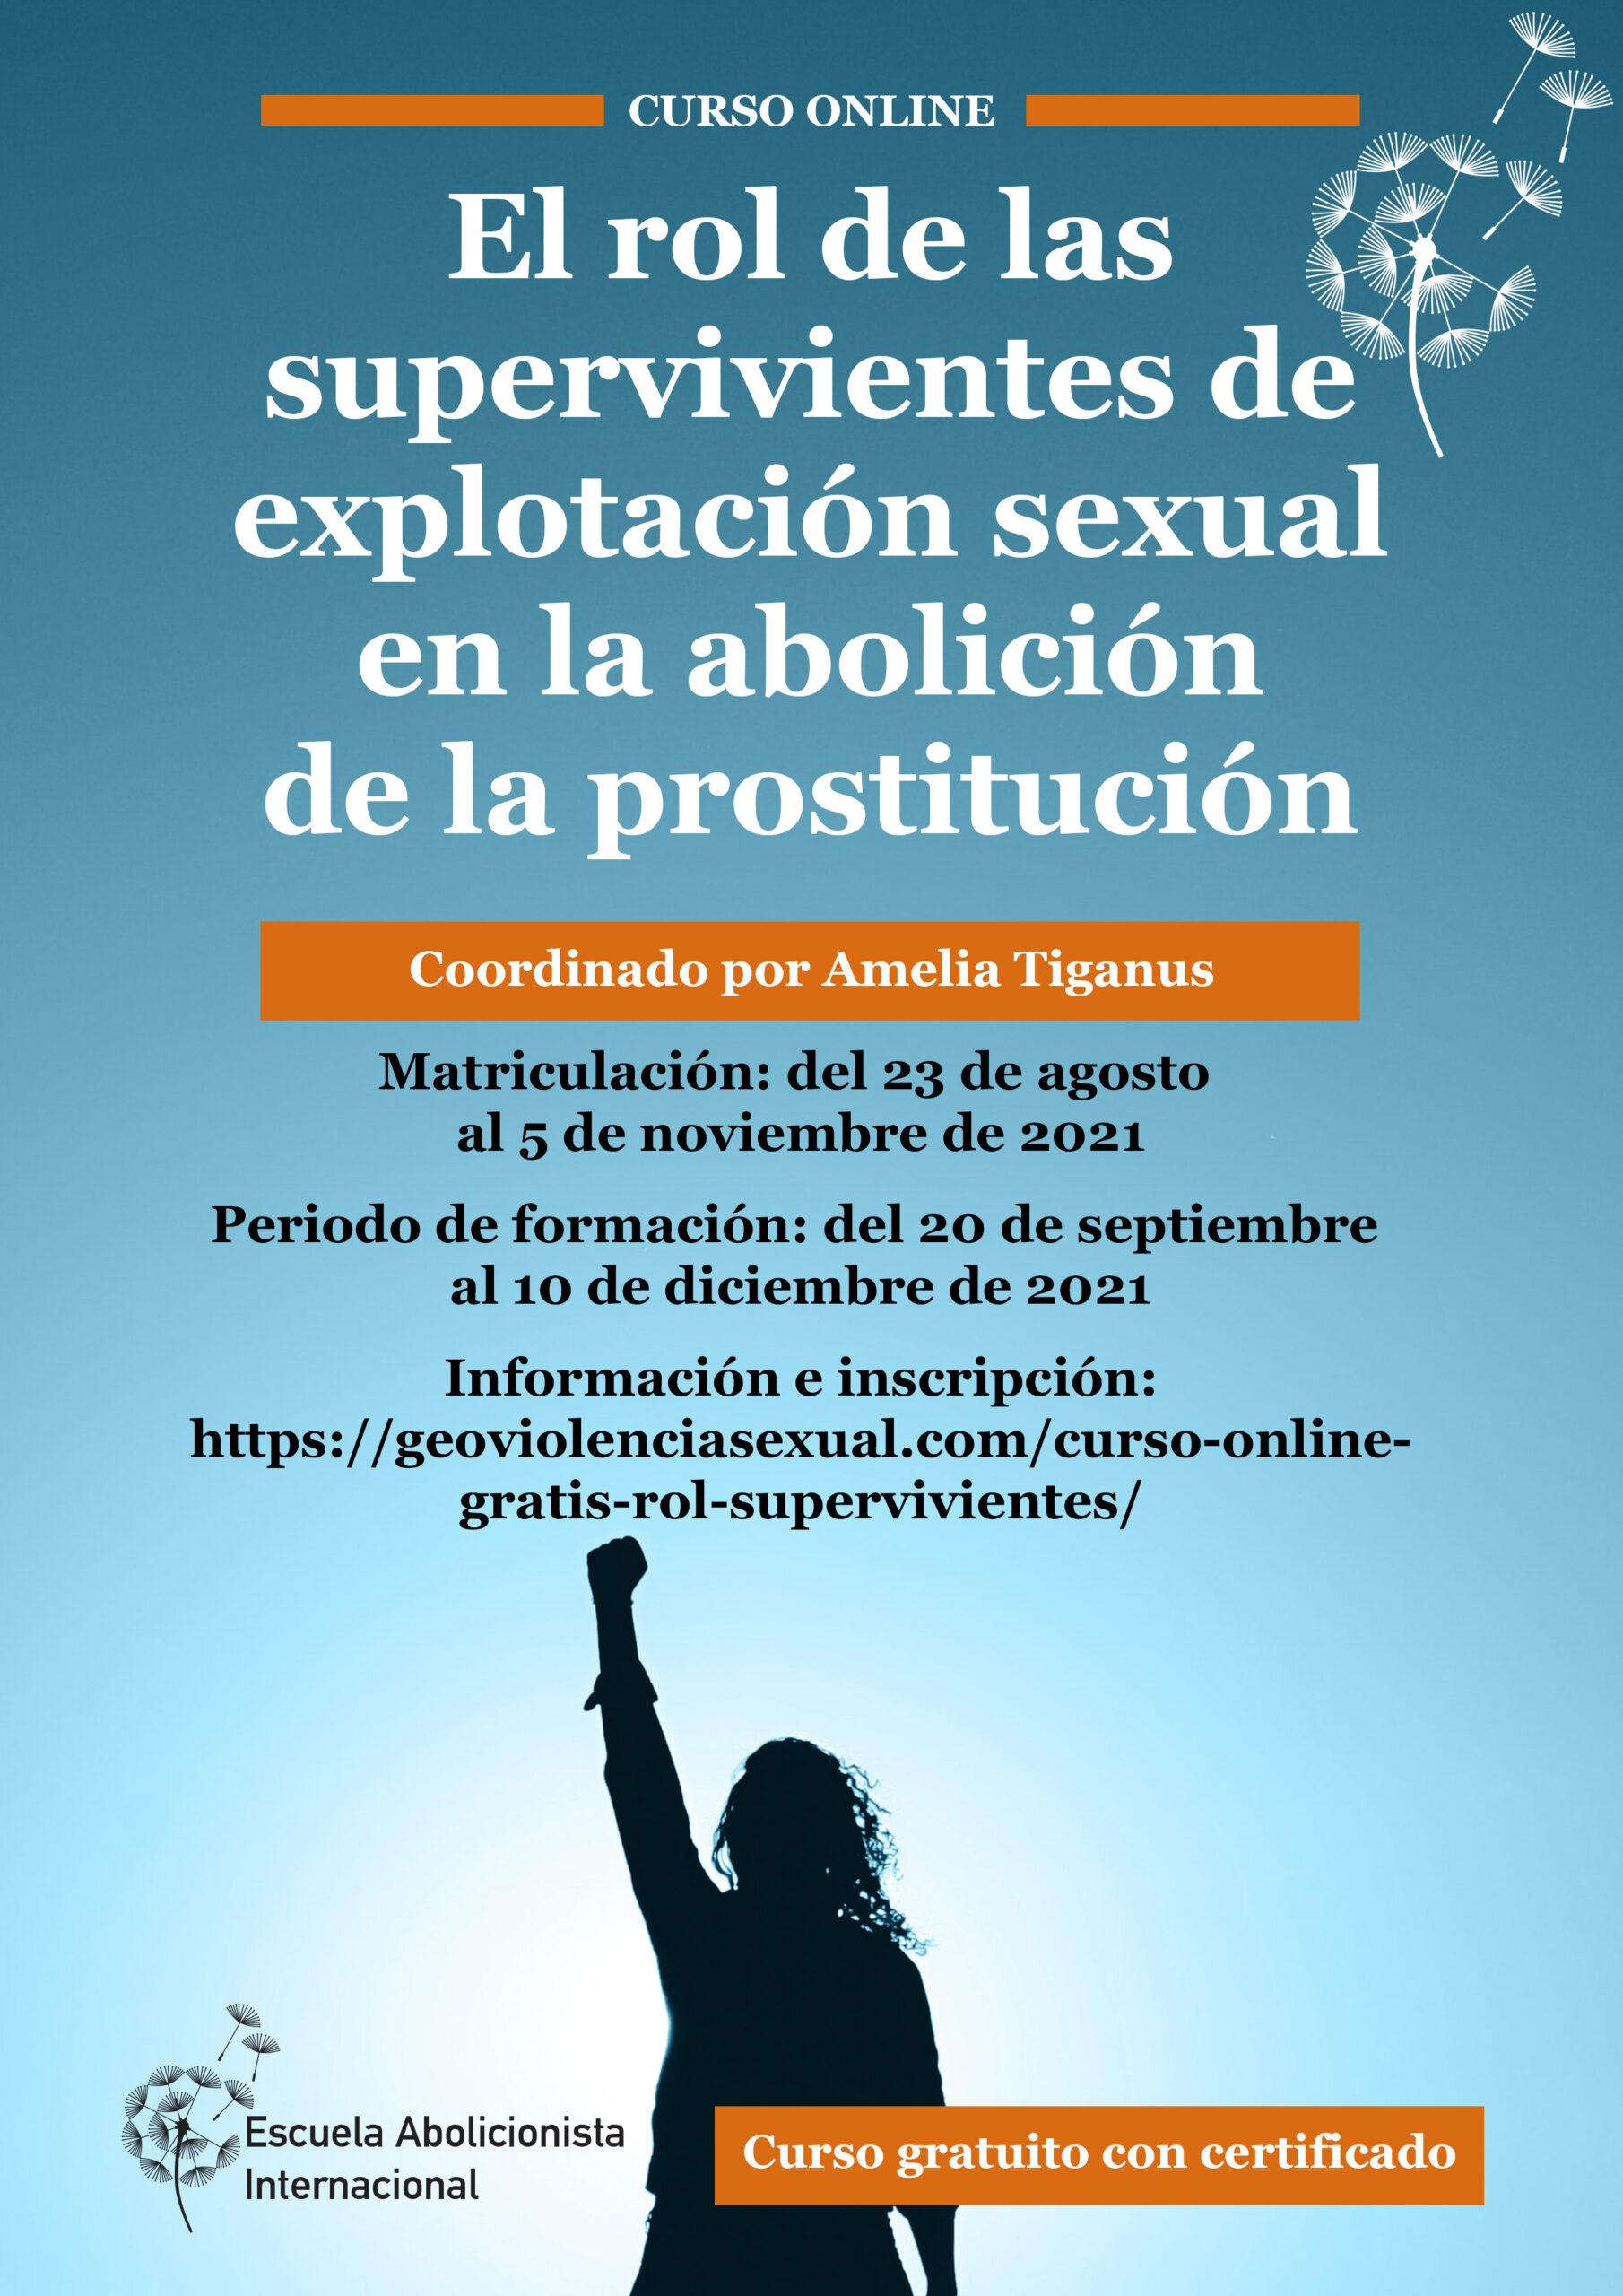 Curso Online Gratuito: El rol de las supervivientes de explotación sexual en la abolición de la prostitución